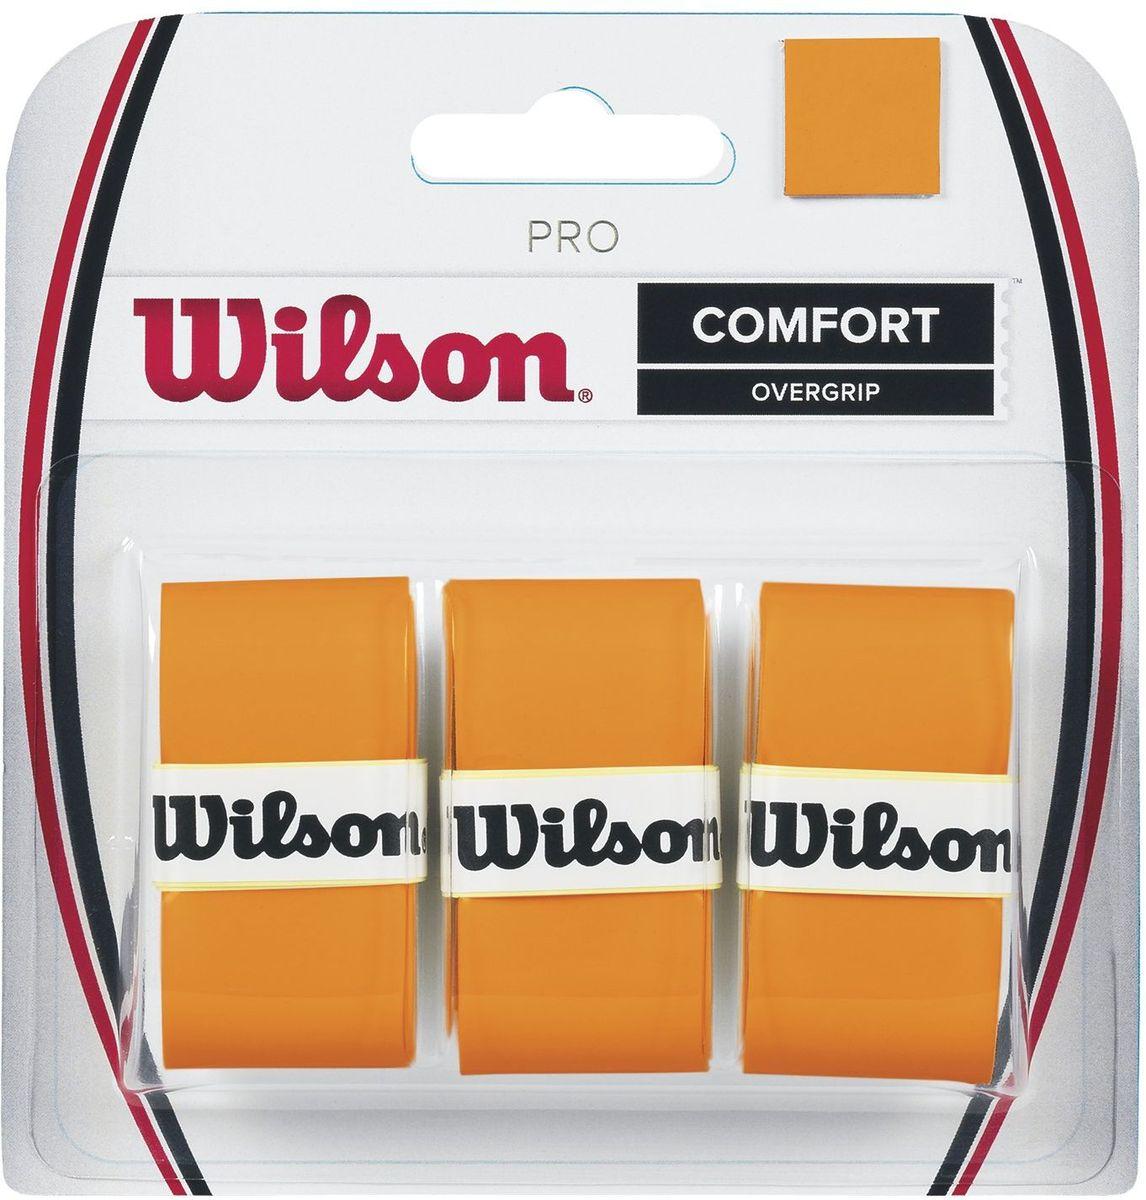 """Обмотка Wilson """"Pro Overgrip Burn""""- это самый популярный овергрипп в мире теперь и в цветах самого популярного семейства ракеток в мире - семейства Burn. Сделает ваш день и окрасит вашу любимую ракетку в новые яркие тона."""